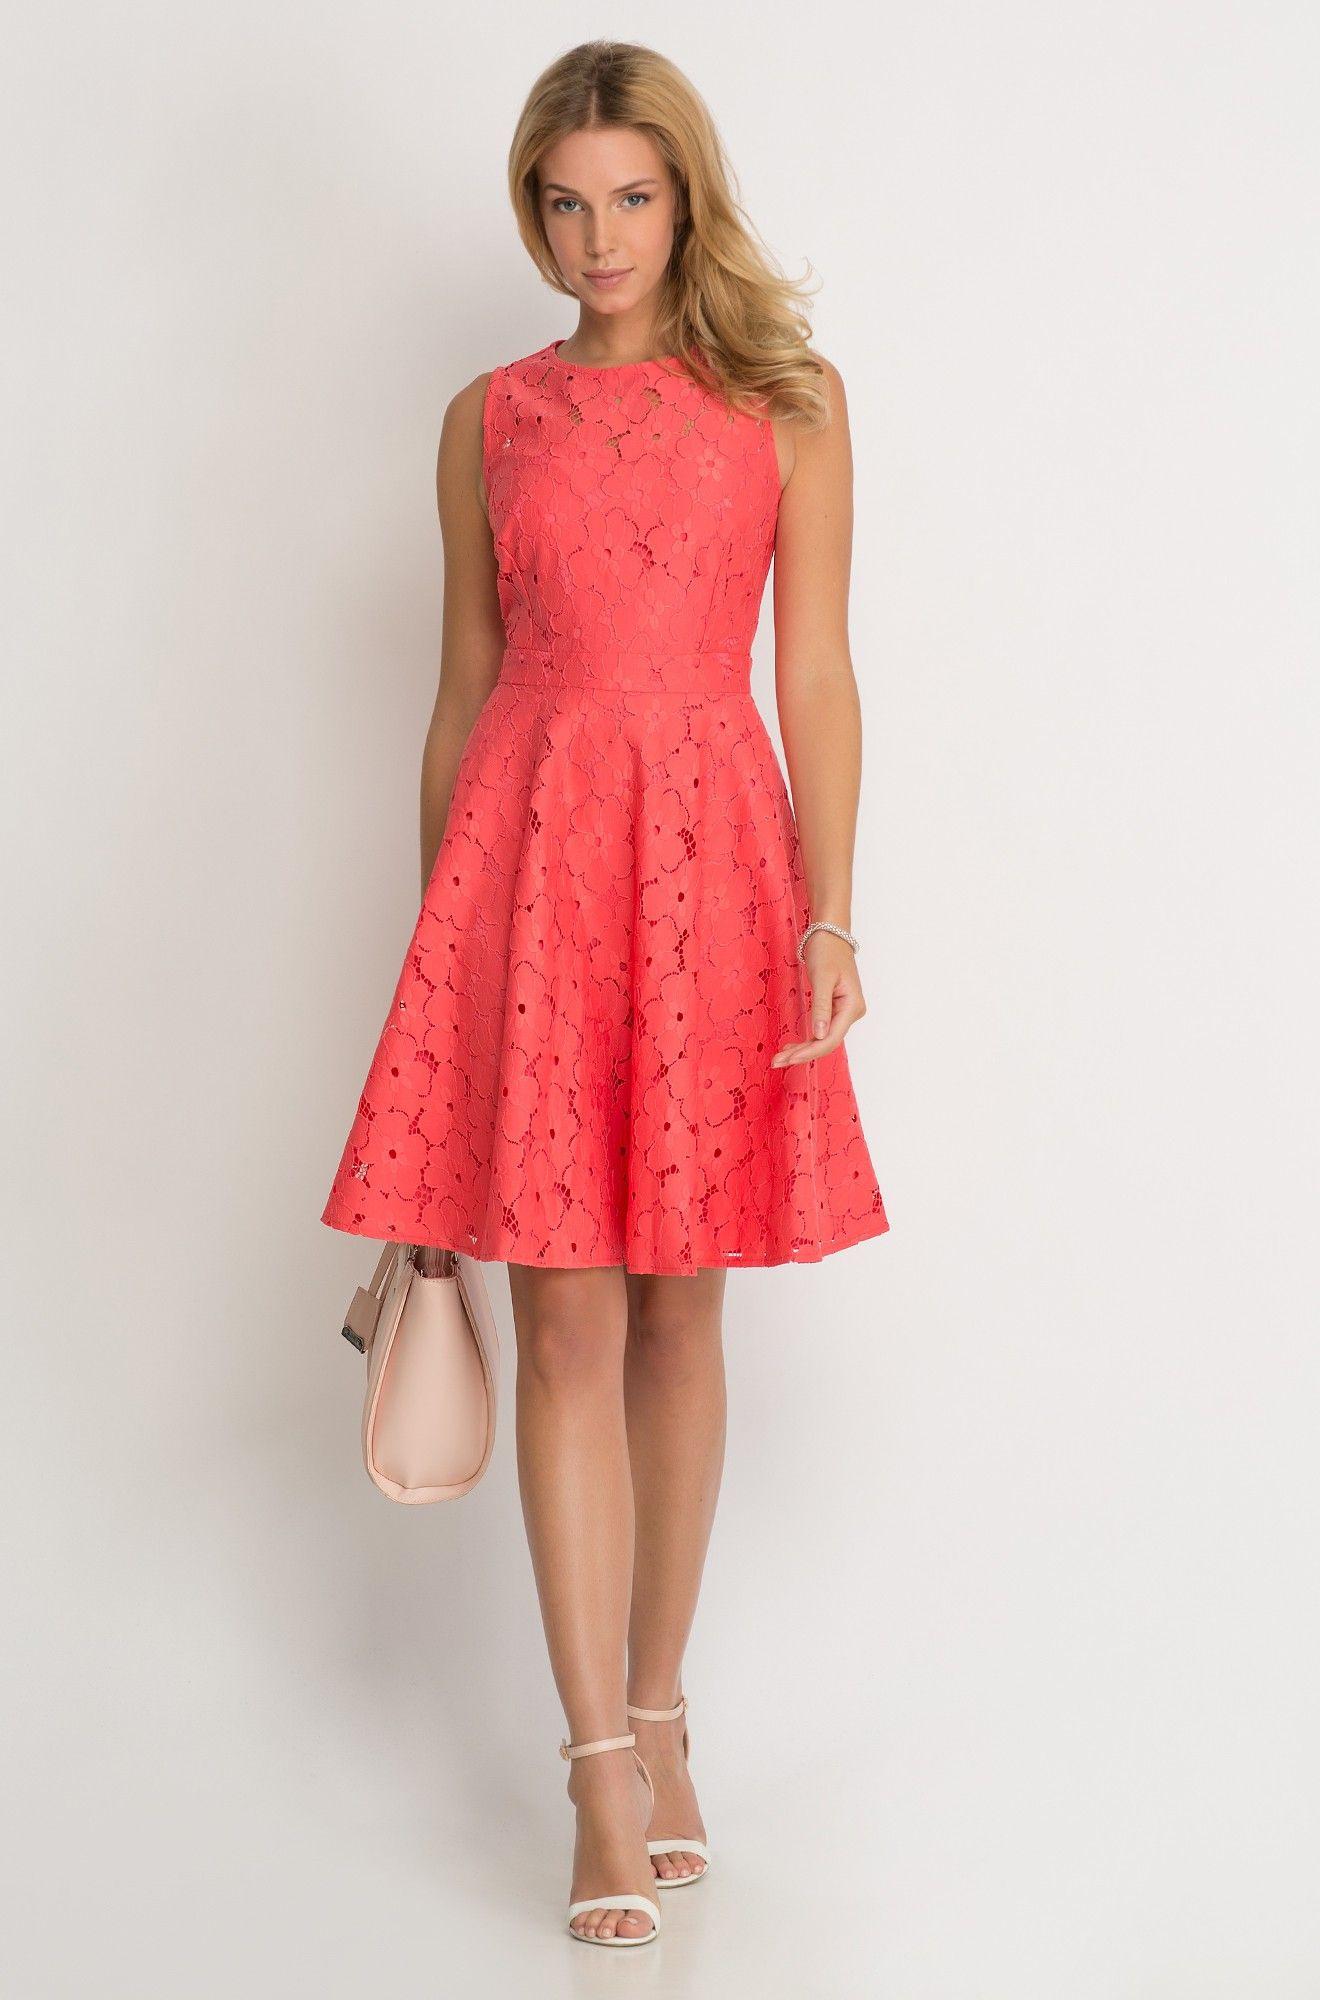 Erstaunlich Orsay Abendkleid für 201910 Schön Orsay Abendkleid Vertrieb